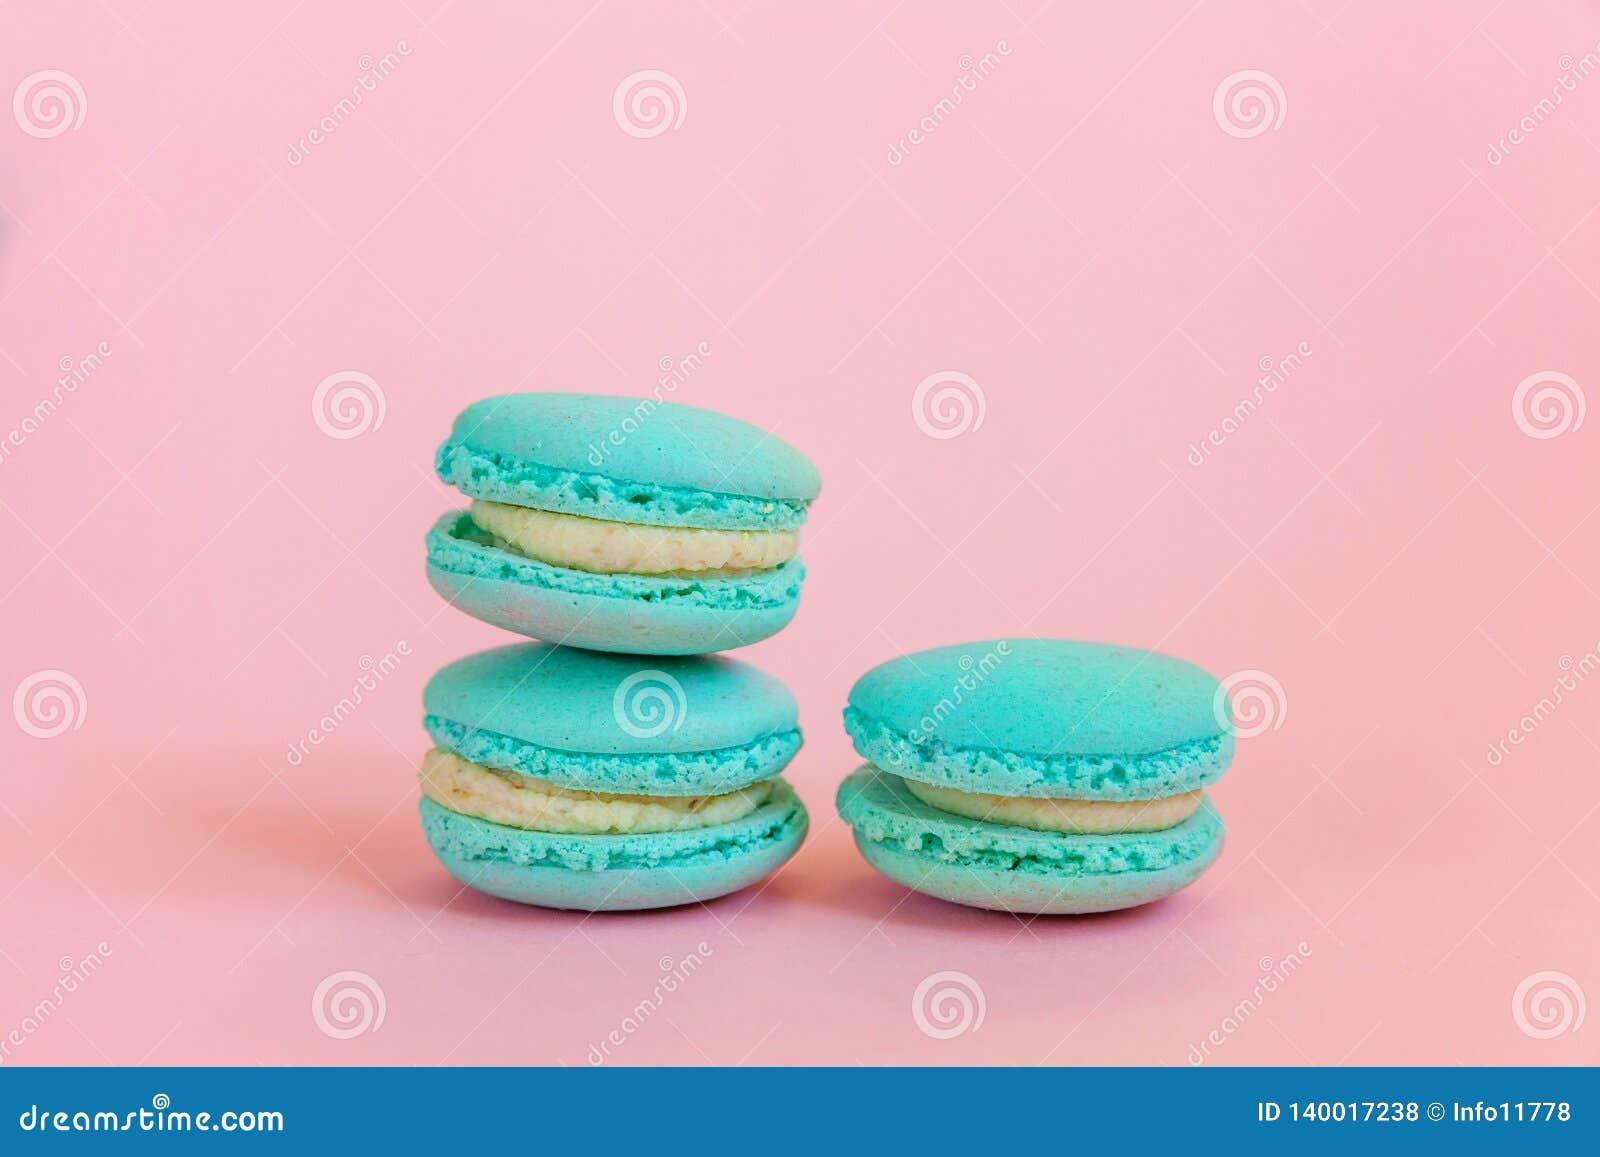 Blue Macaron On Pink Background Stock Photo Image Of Bakery Bake 140017238